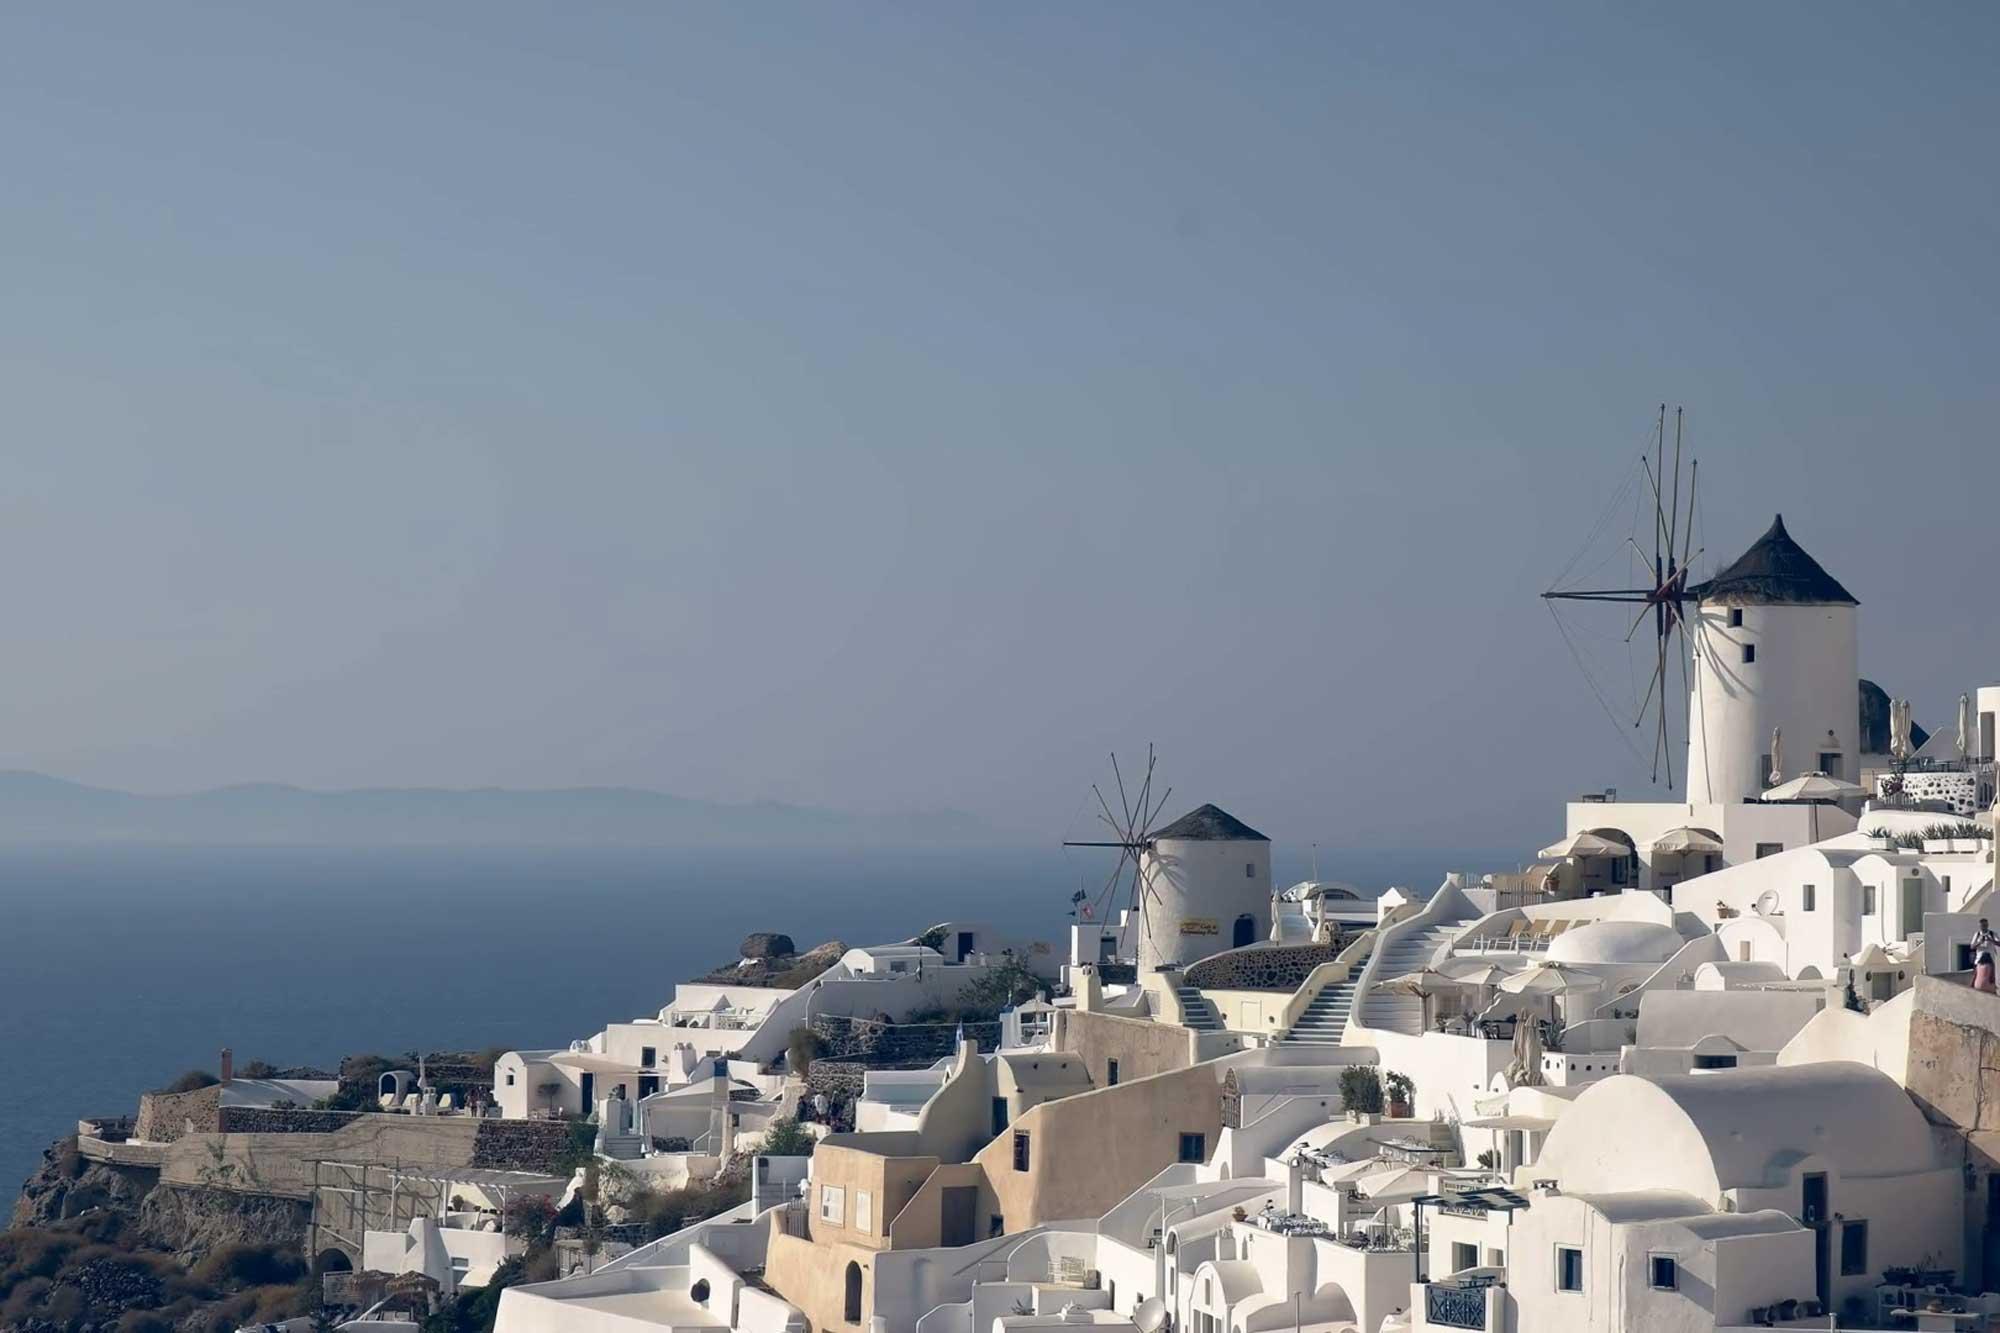 Veličina (ni)je bitna - Najmanji apartmani i kuće za odmor na svijetu Windmills villa Santorini